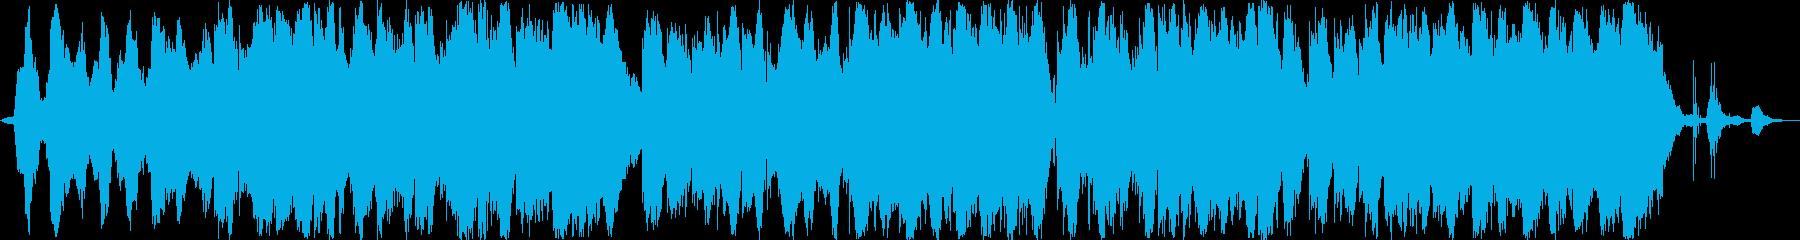 エレクトロニック 説明的 静か 気...の再生済みの波形